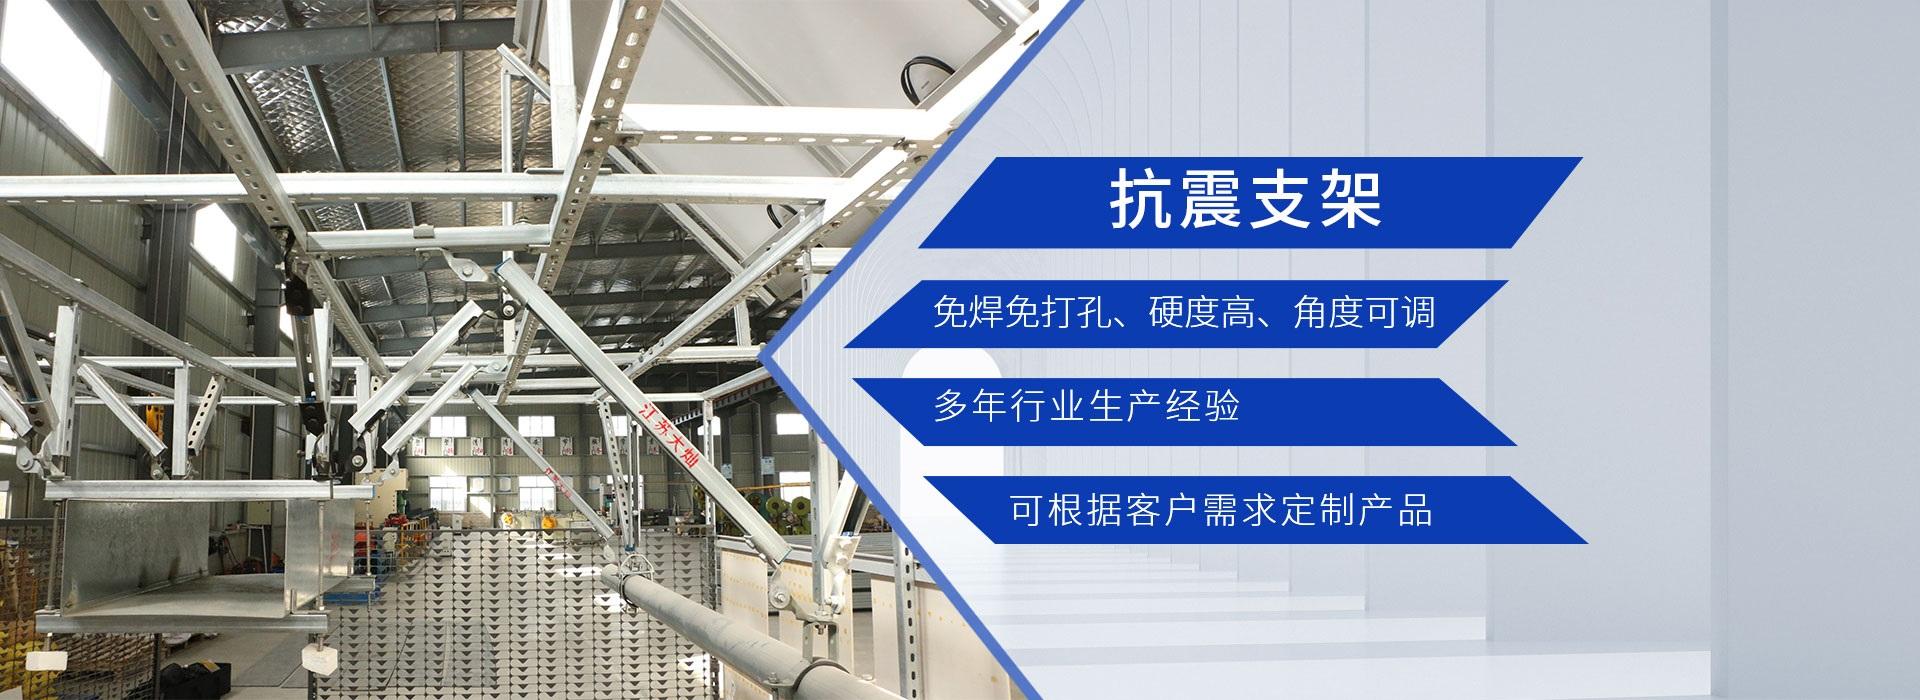 江苏大灿新能源科技有限公司